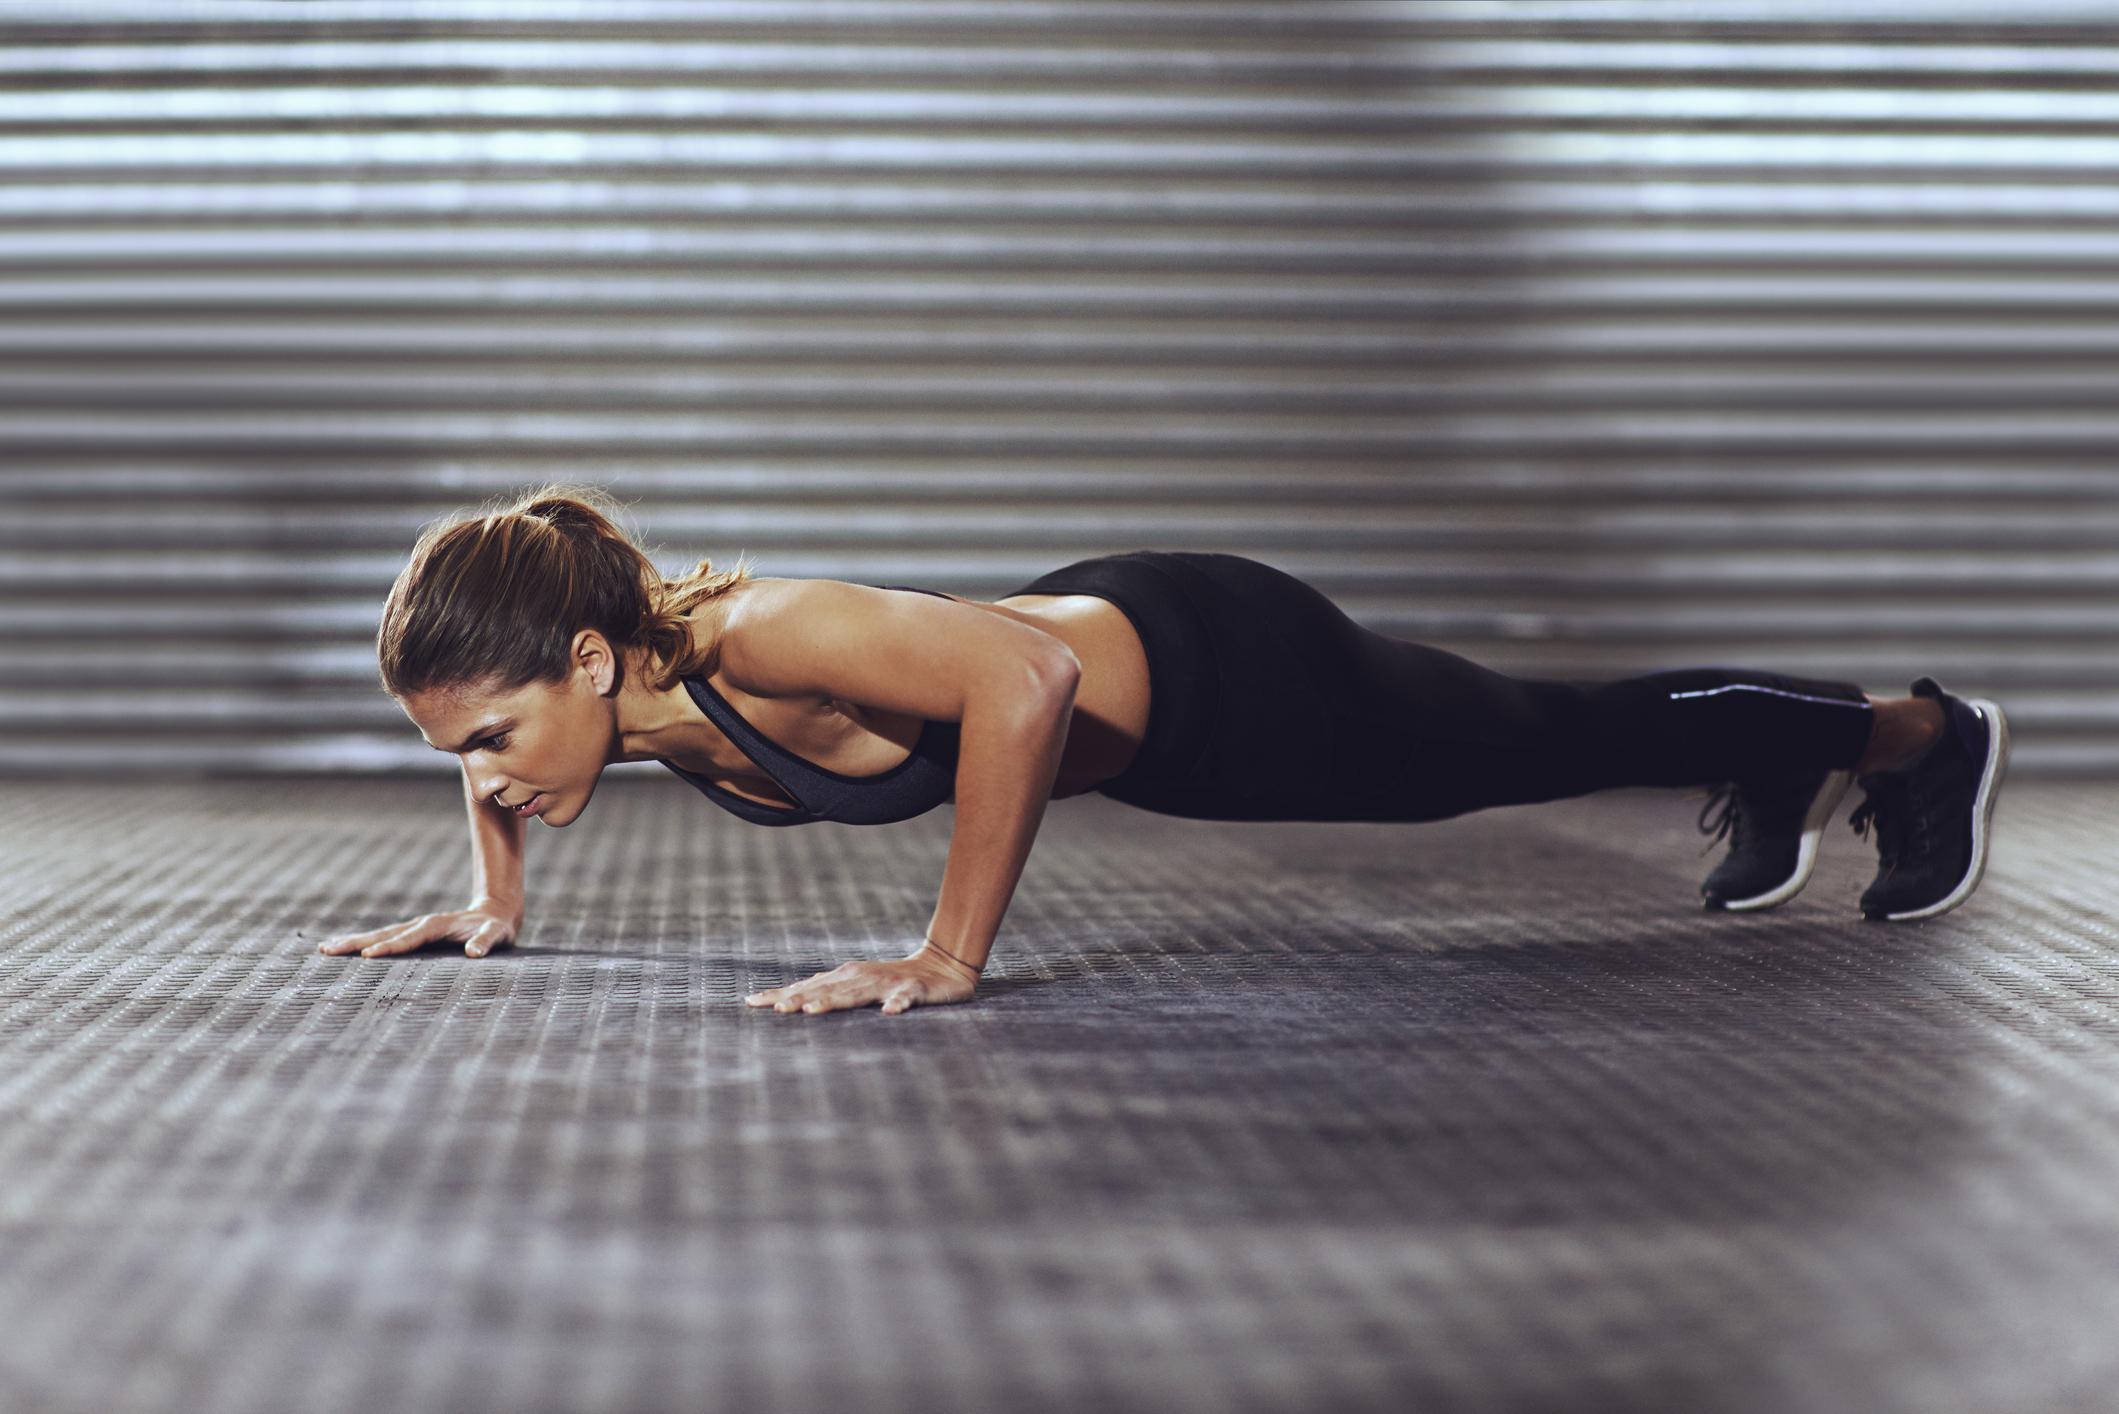 Ako niste znali, običnim sklekovima možete definirati tonus mišića cijeloga tijela